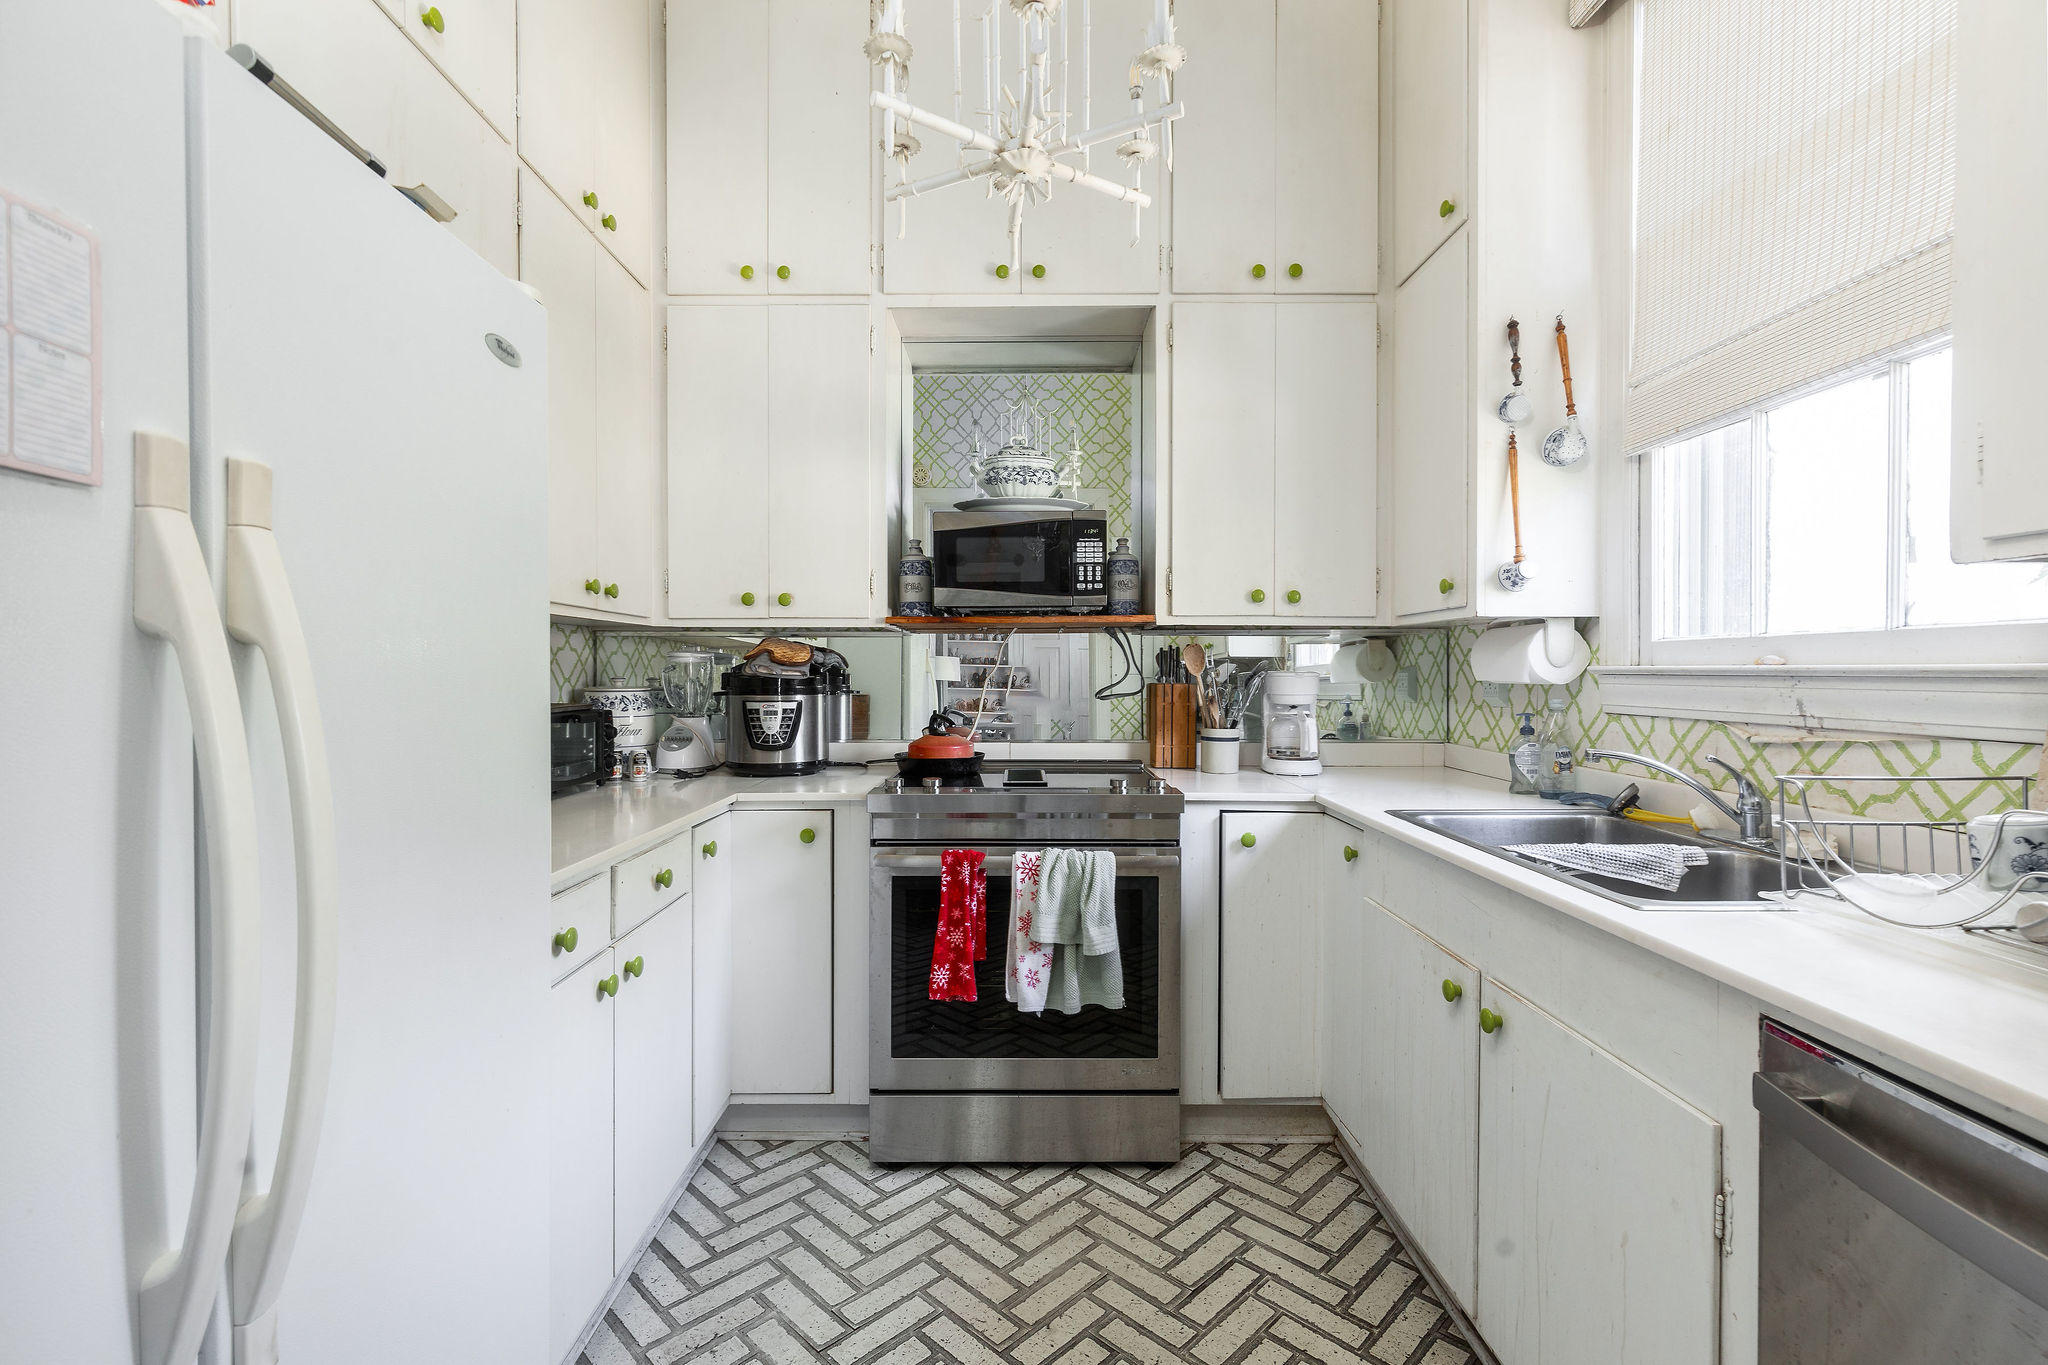 Harleston Village Homes For Sale - 138 & 140 Wentworth, Charleston, SC - 2